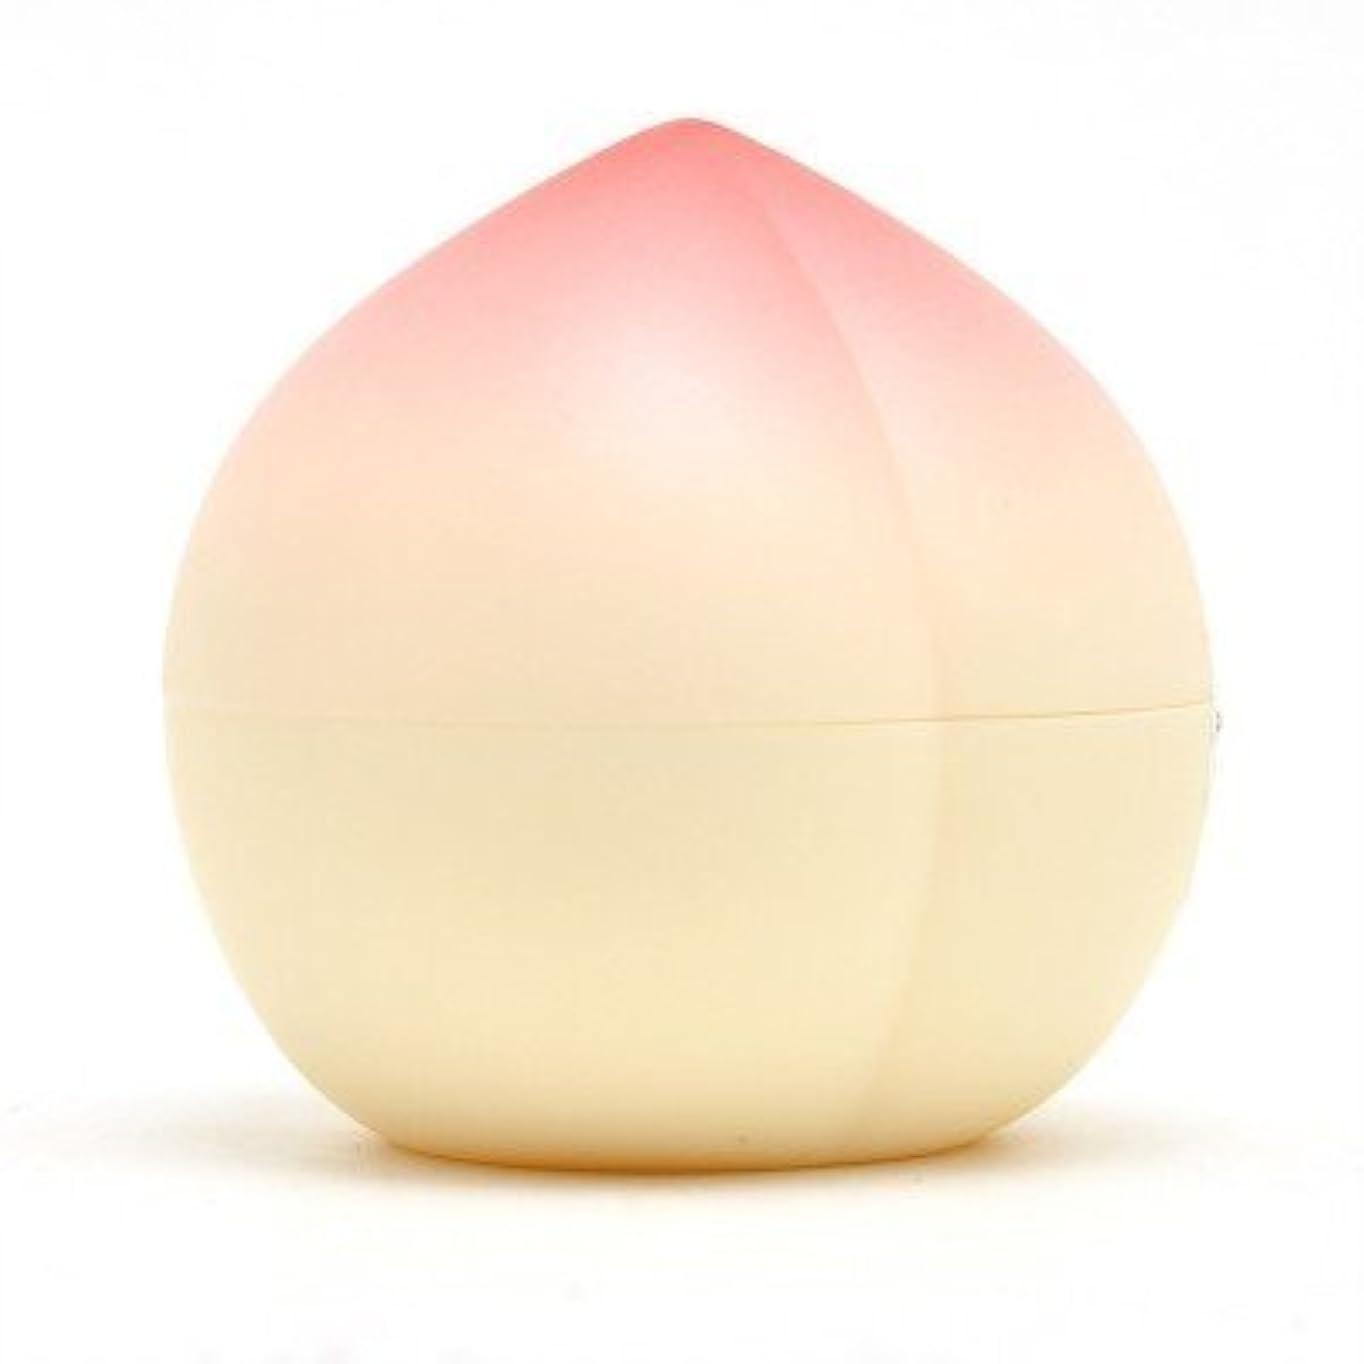 忌み嫌う調整する症候群TONYMOLY トニーモリー ピーチ?ハンドクリーム 30g (Peach Antiaging Hand Cream) 海外直送品